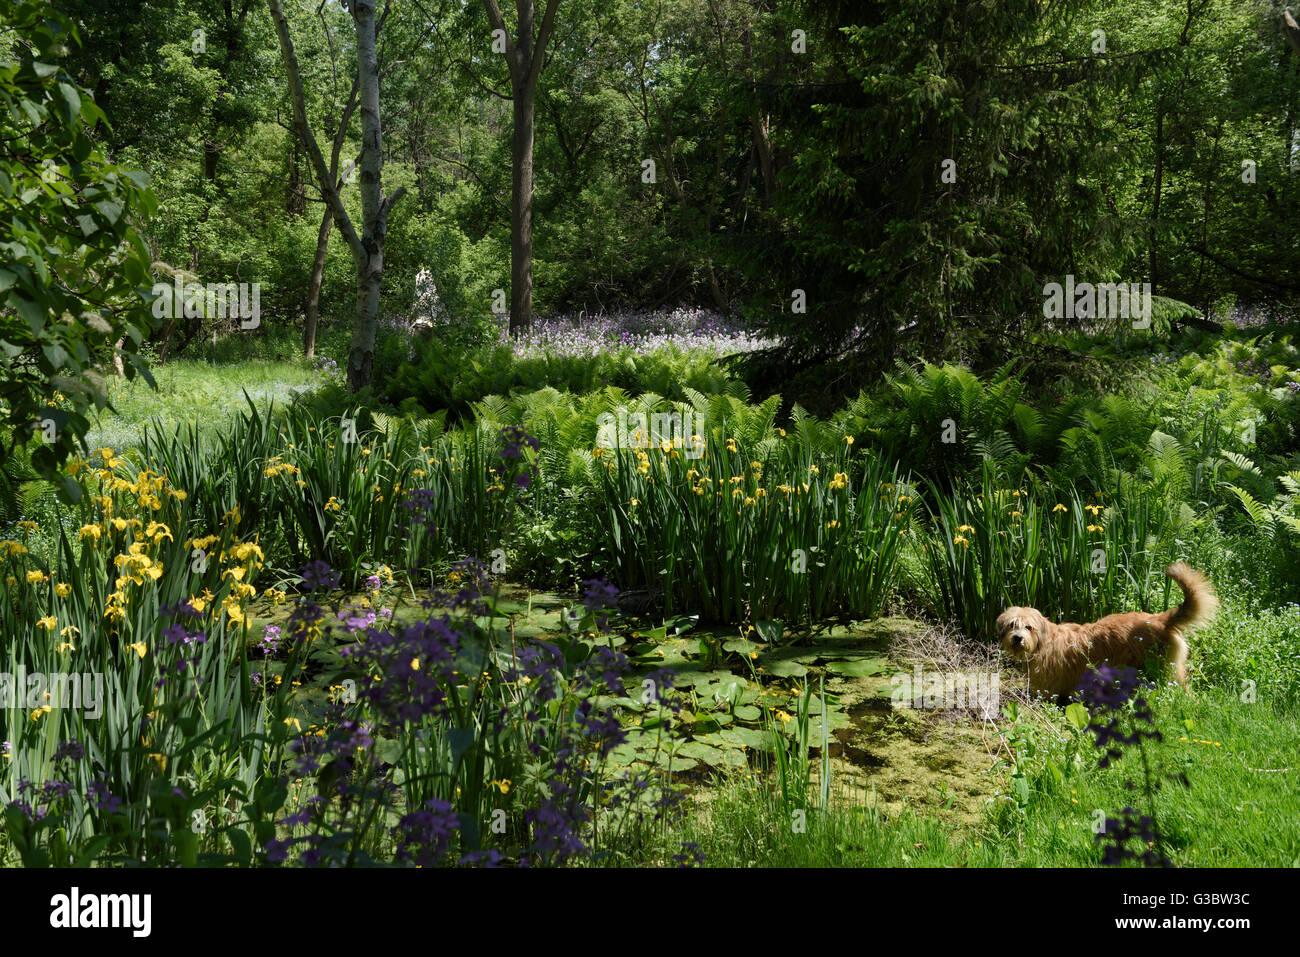 Chien jouant dans un étang naturel sauvage en forêt avec dames rocket et iris jaune arrière-cour Photo Stock